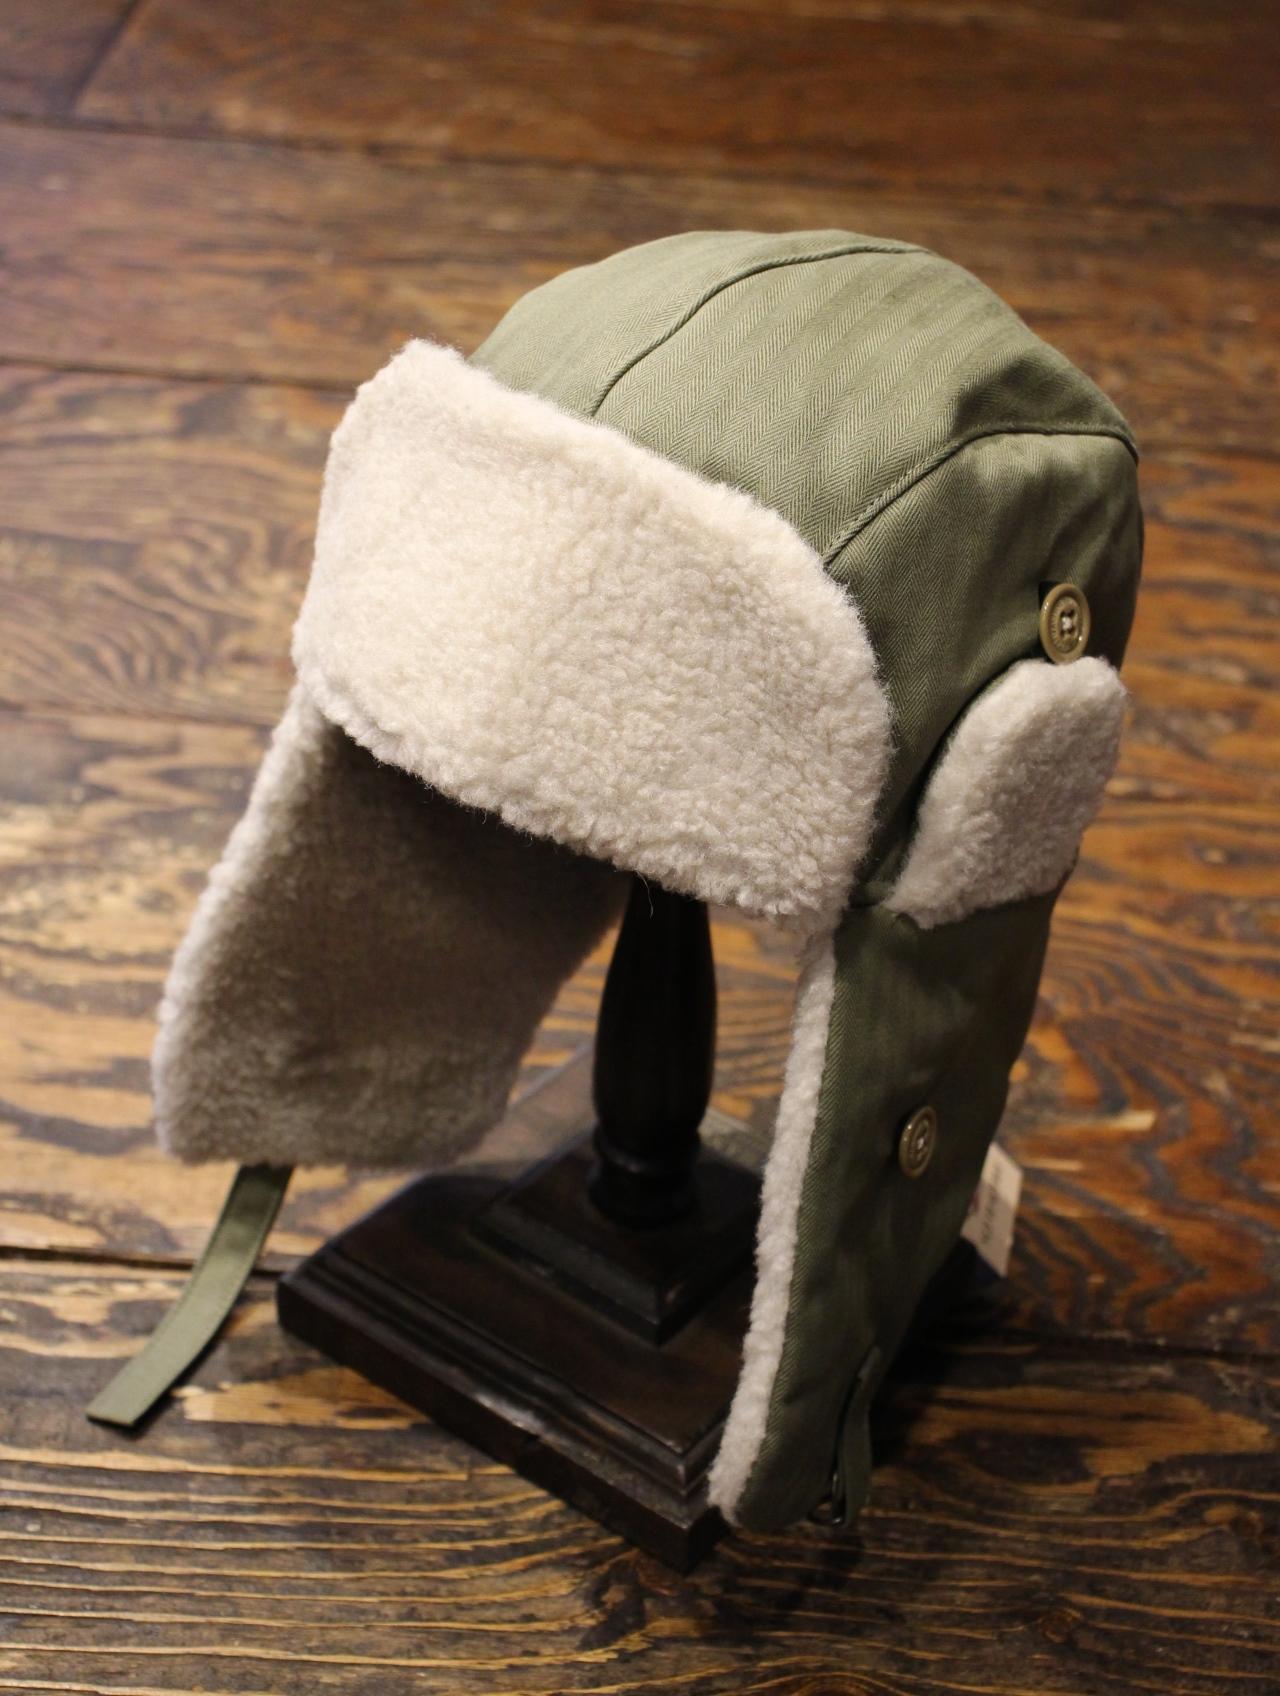 SOFTMACHINE   「COMPILATION HAT」   フライヤーハット